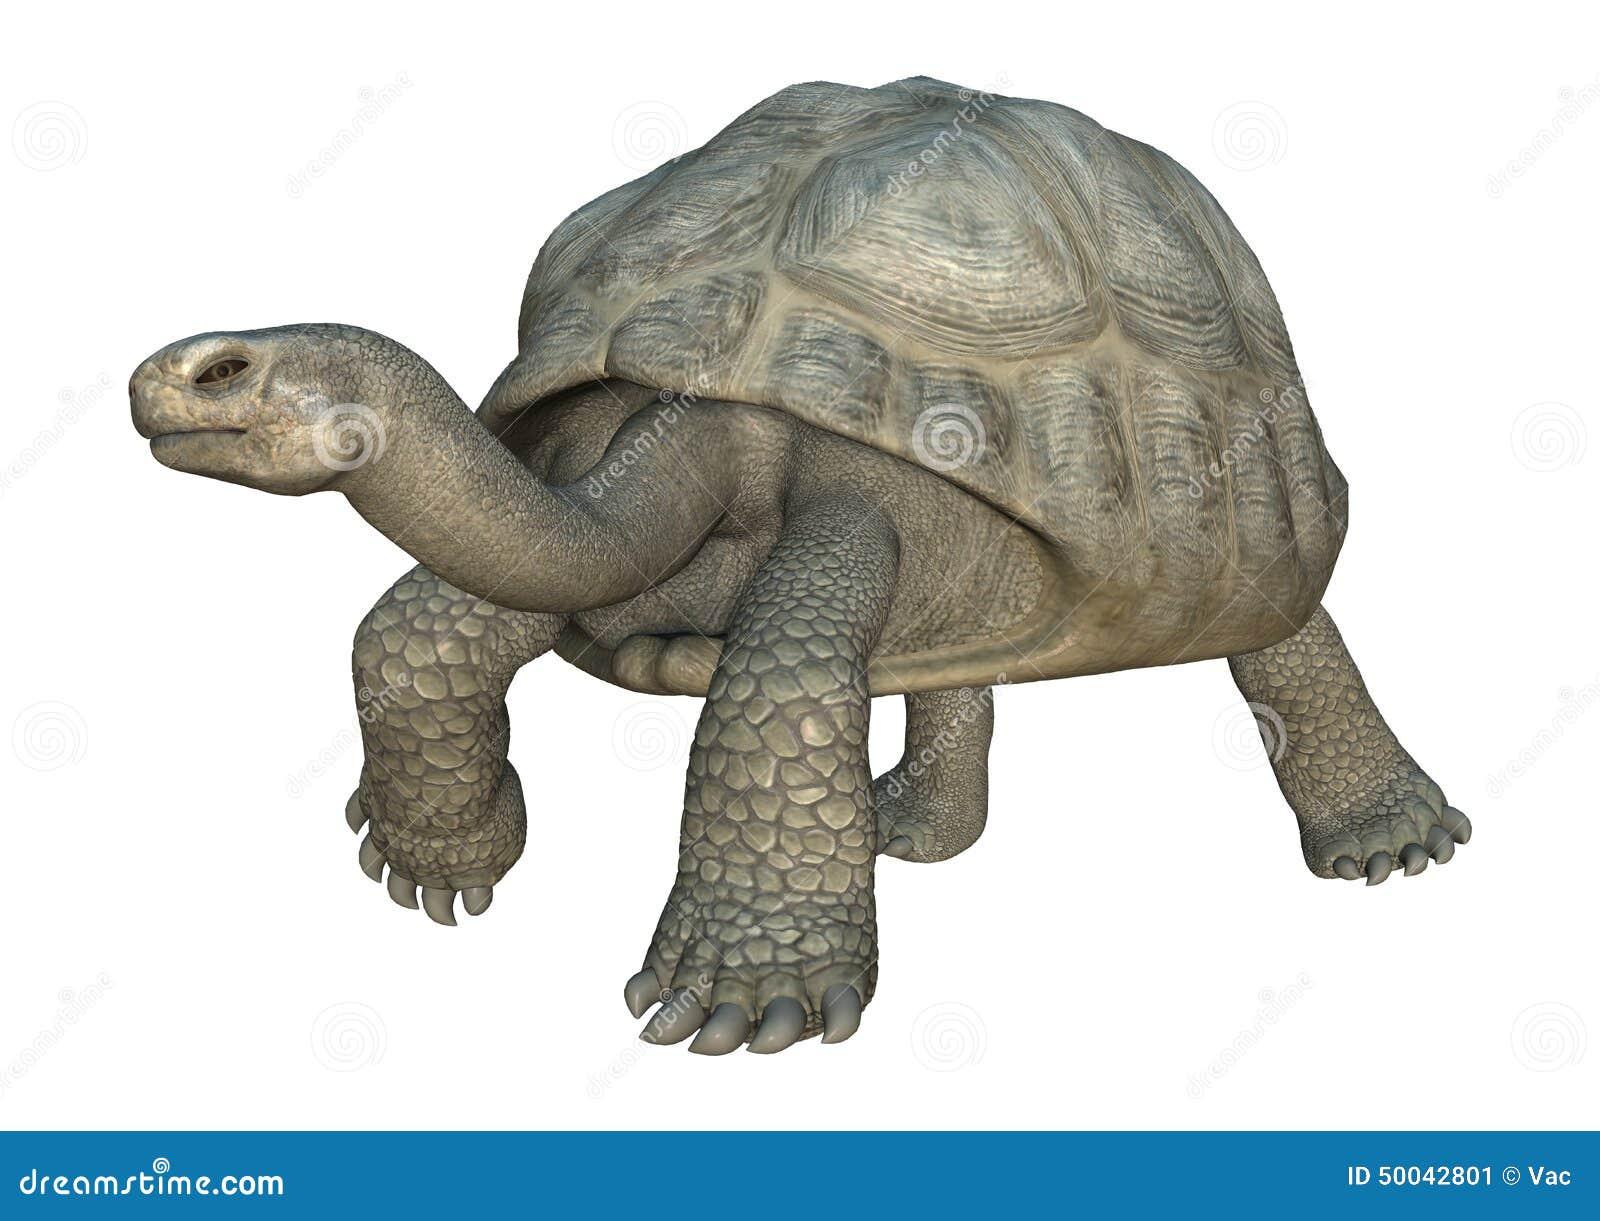 Lateinischer Name - Geochelone Nigra